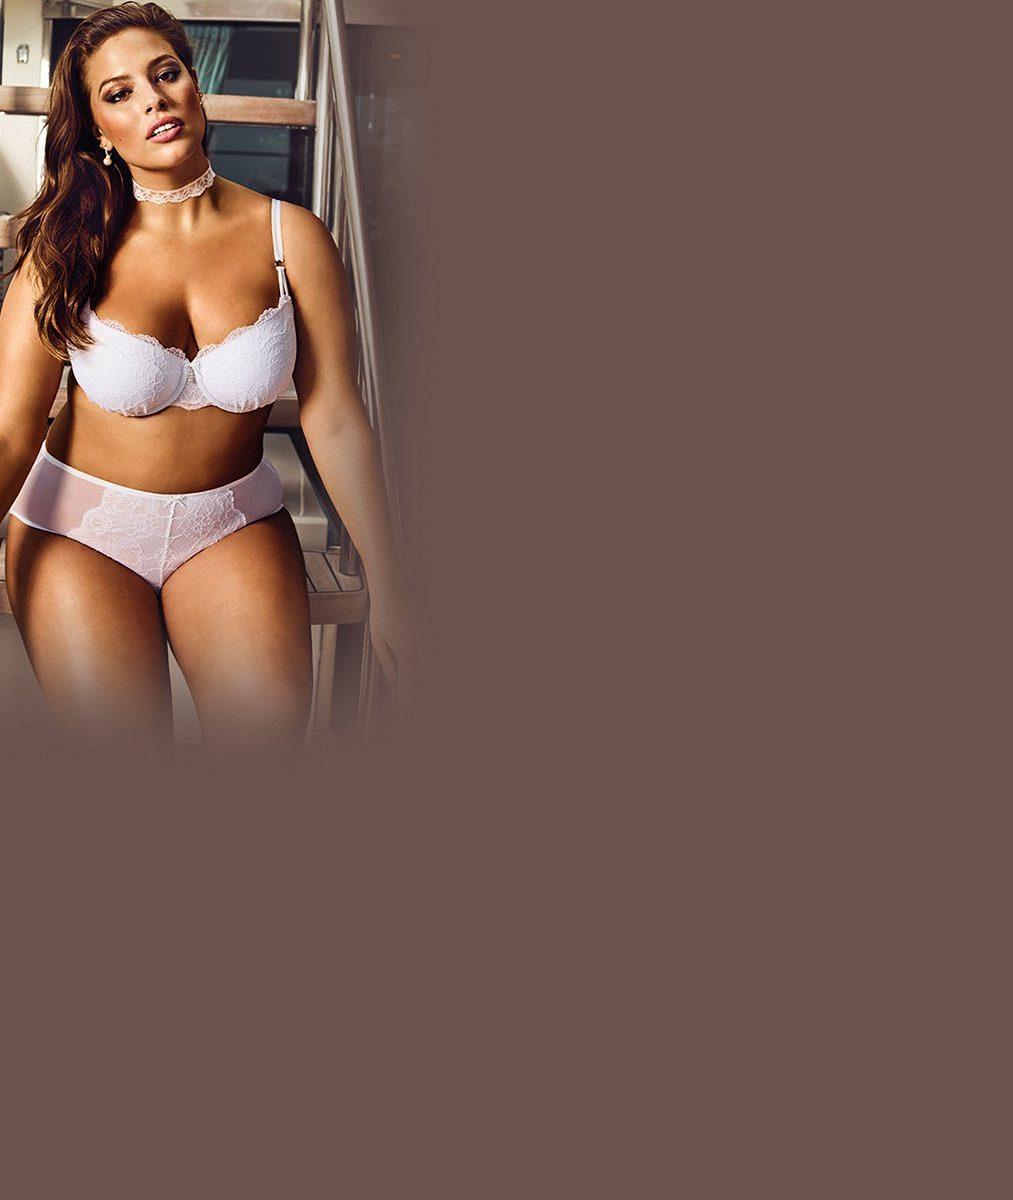 Má velikost 44, ale návrháři spodního prádla se o ni perou. V kolekci pro nevěsty boubelky zazářila